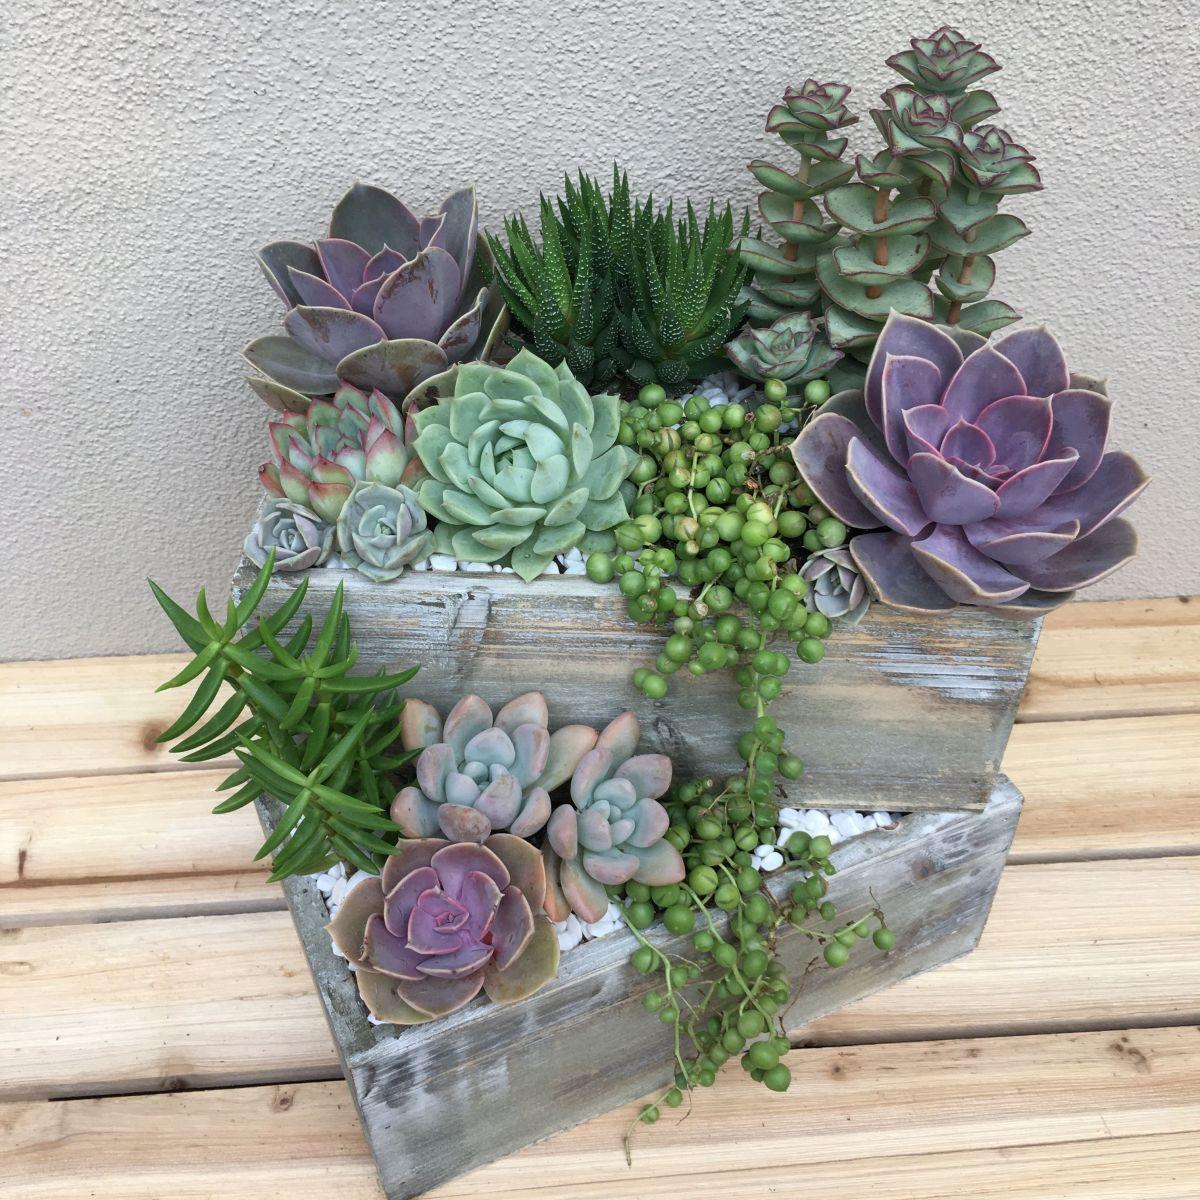 Creative diy indoor succulent garden ideas (16)